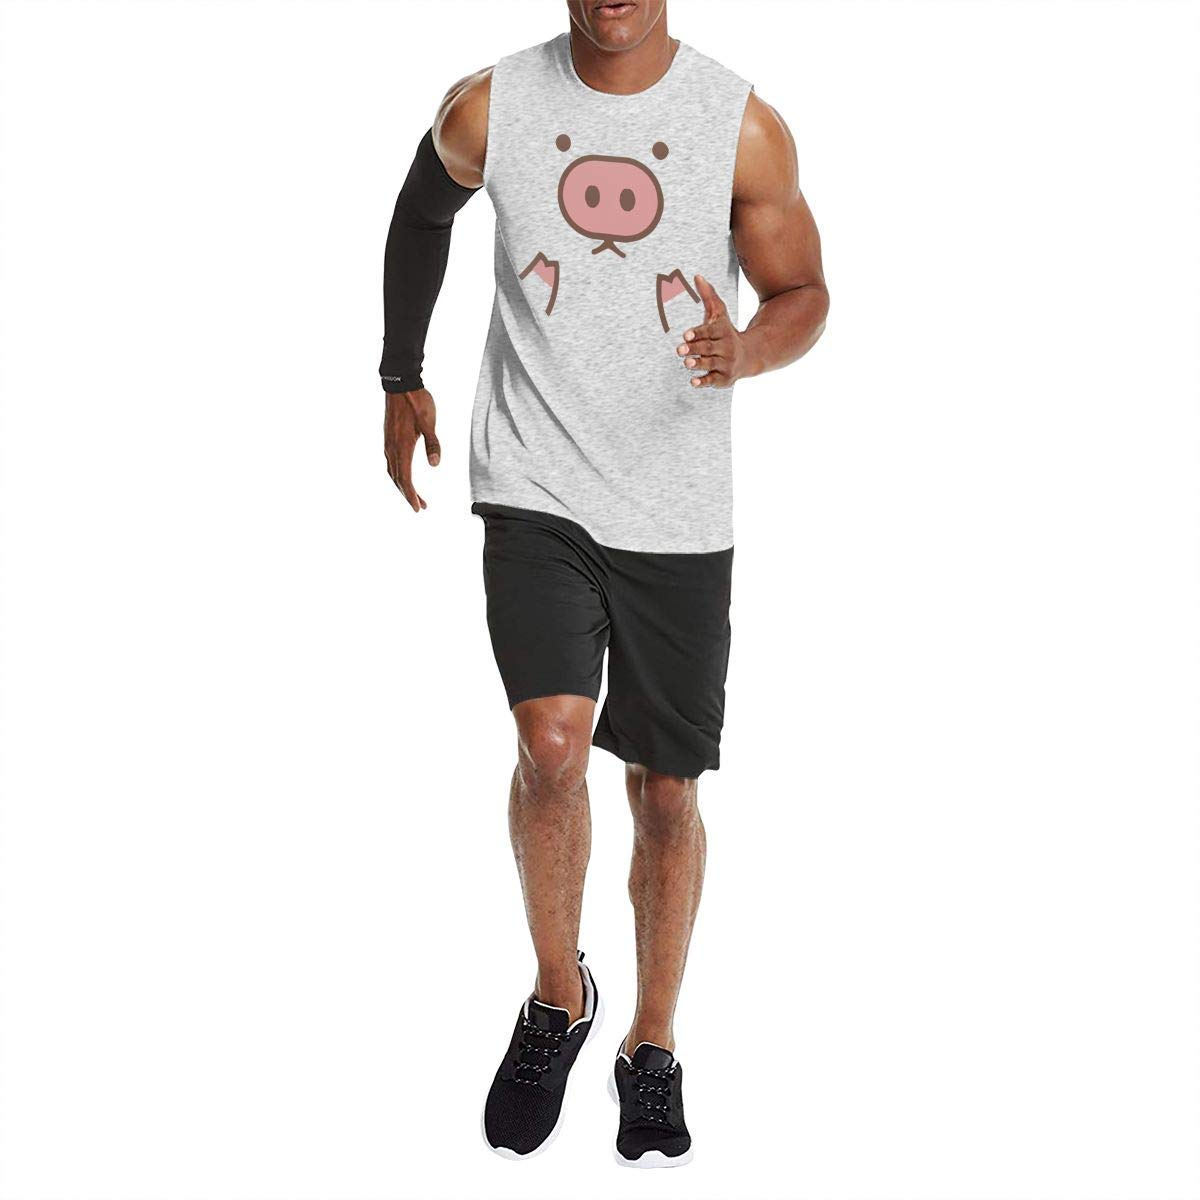 Mens Summertime Sleeveless T-Shirt Cotton Short-Sleeve Tank Piggy Cute Pig Cartoon Printed